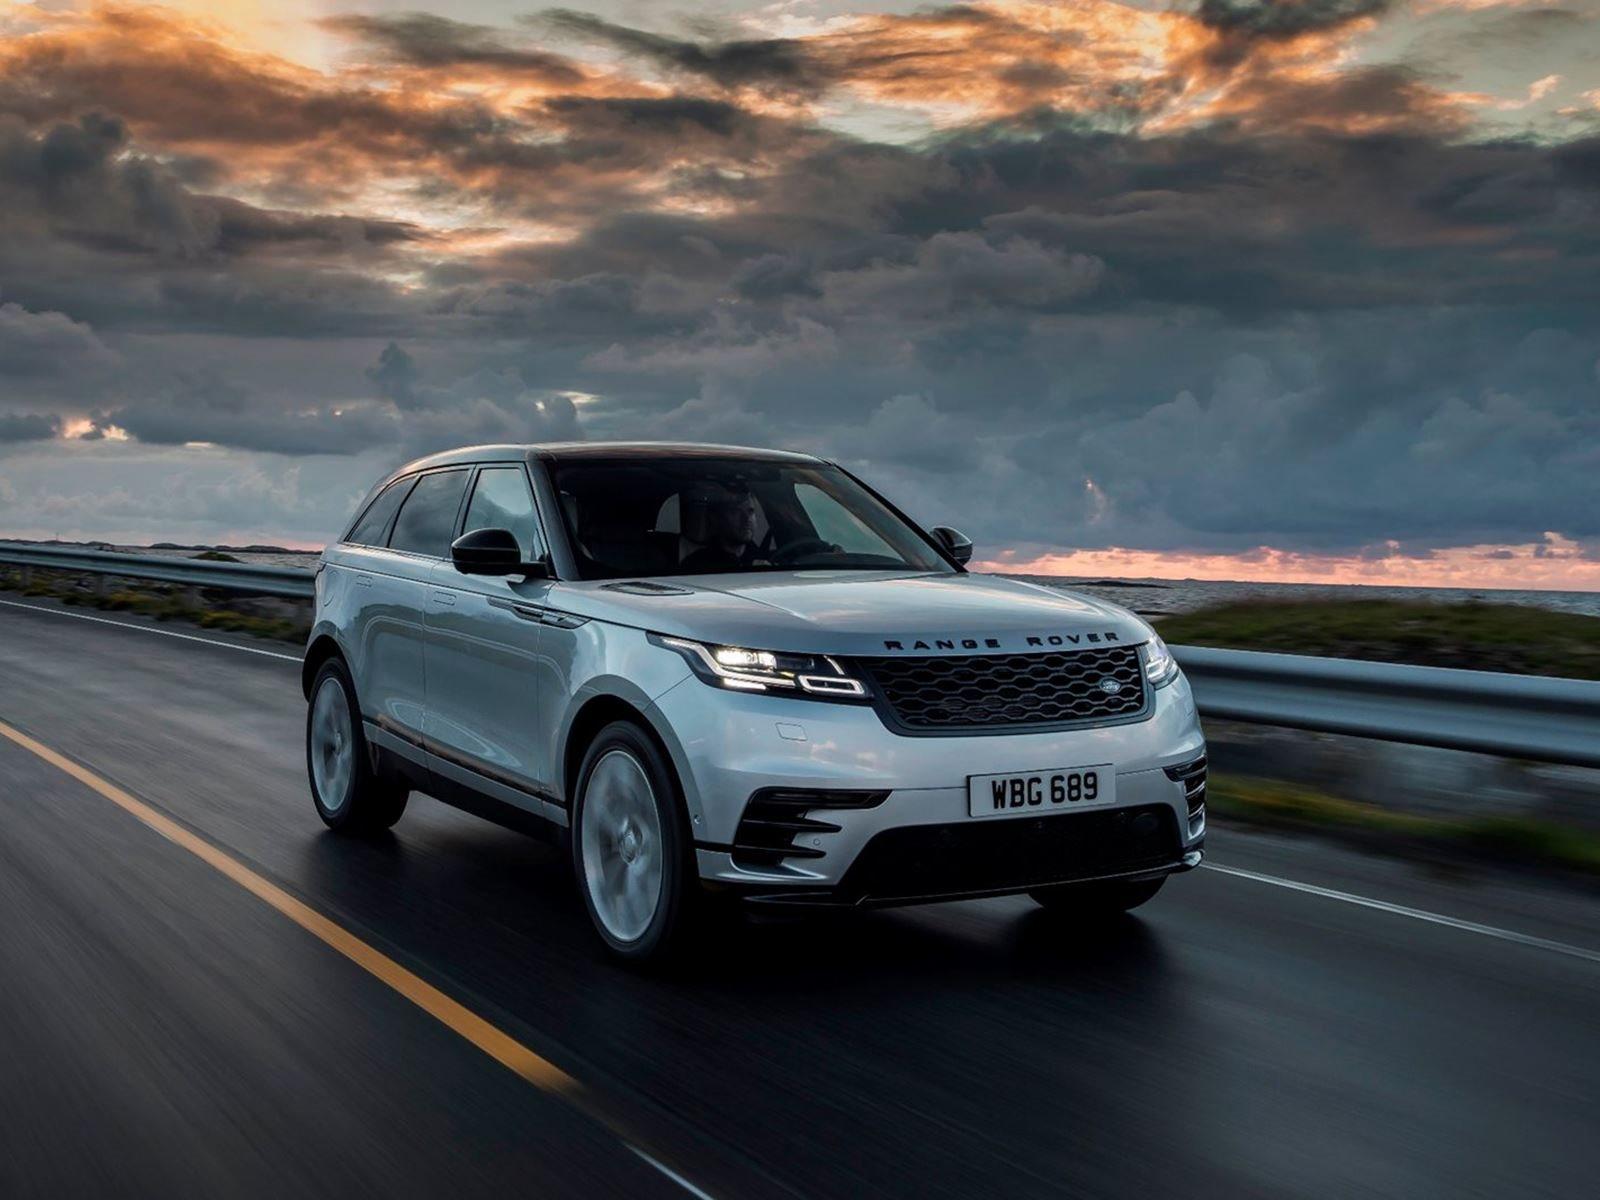 Возможно, это вдохновит Jaguar Land Rover на производство кабриолета Range Rover Velar.